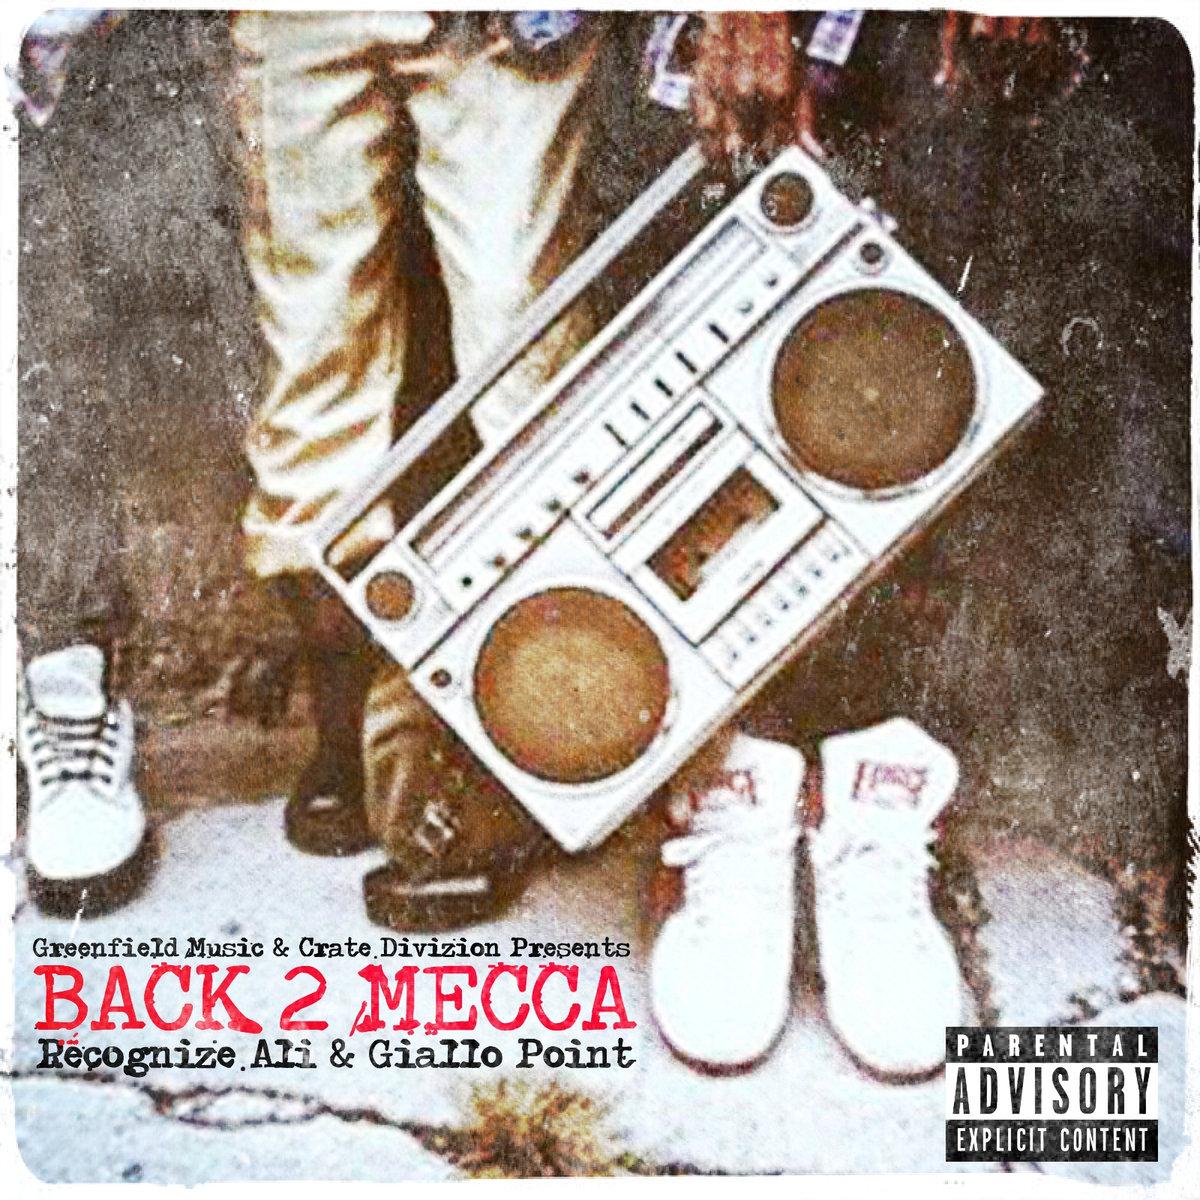 Back_2_mecca_lp